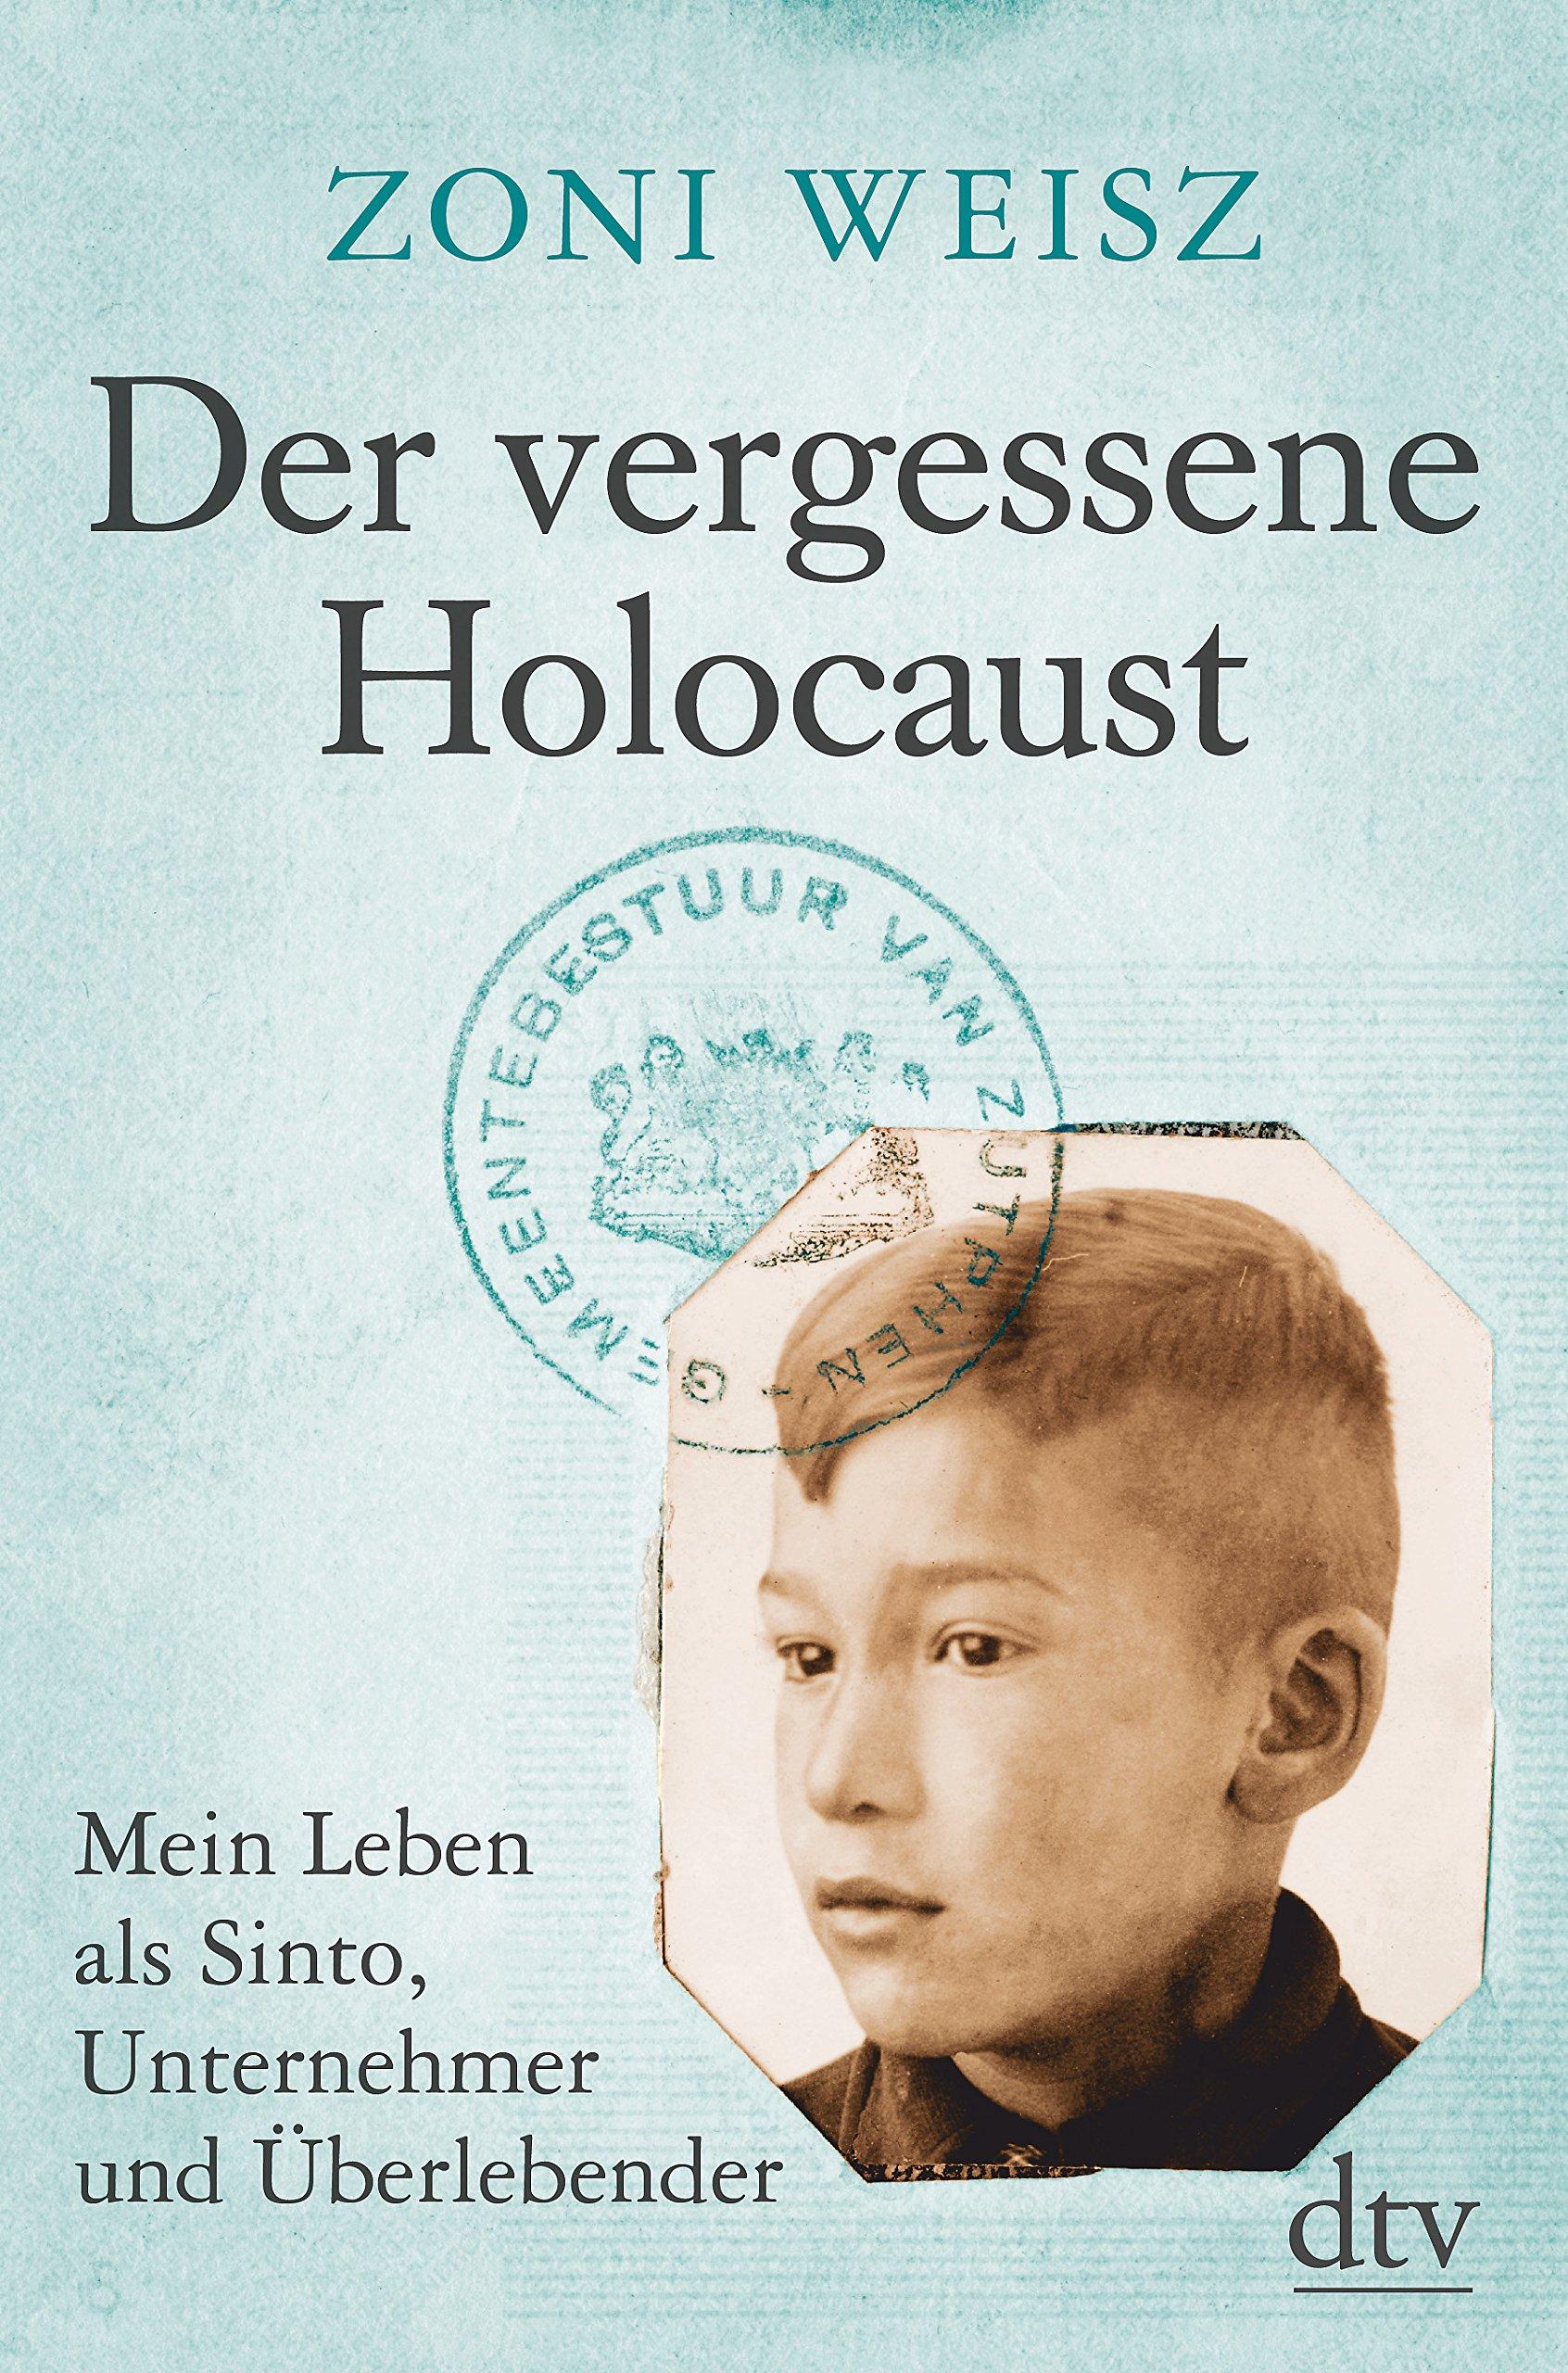 Bildergebnis für zoni weisz vergessener holocaust